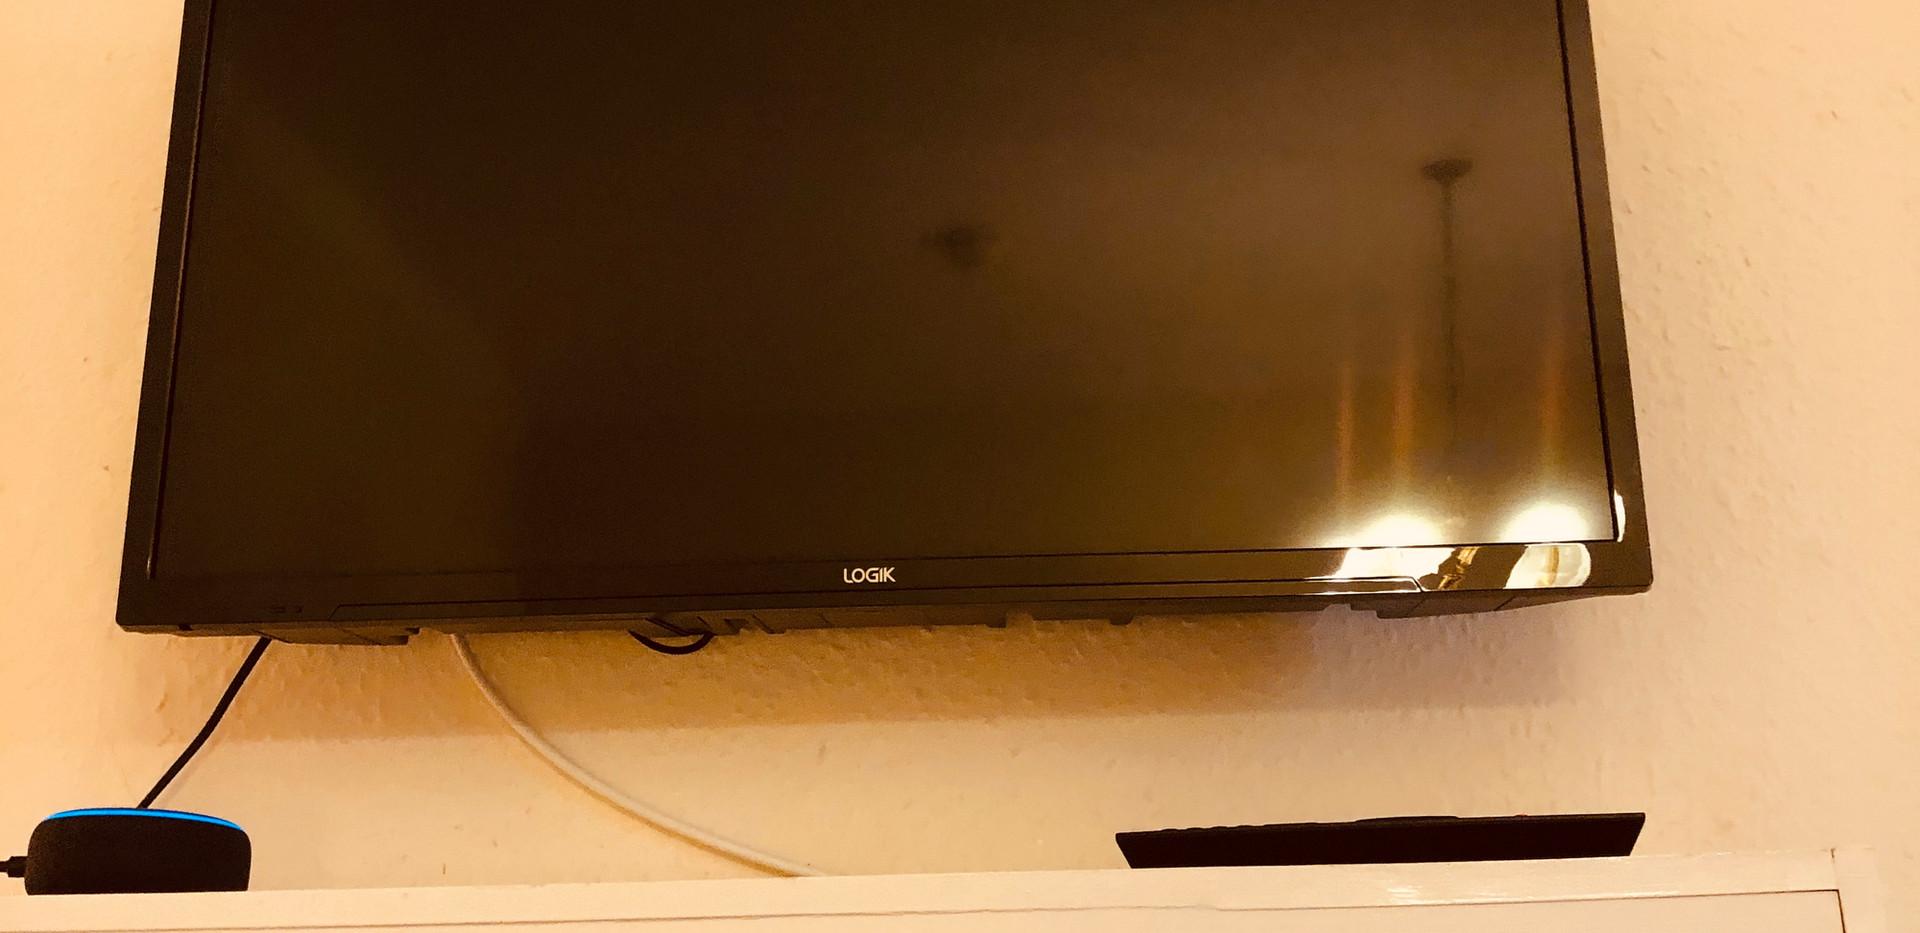 Family Room - Smart TV & Echo Dot